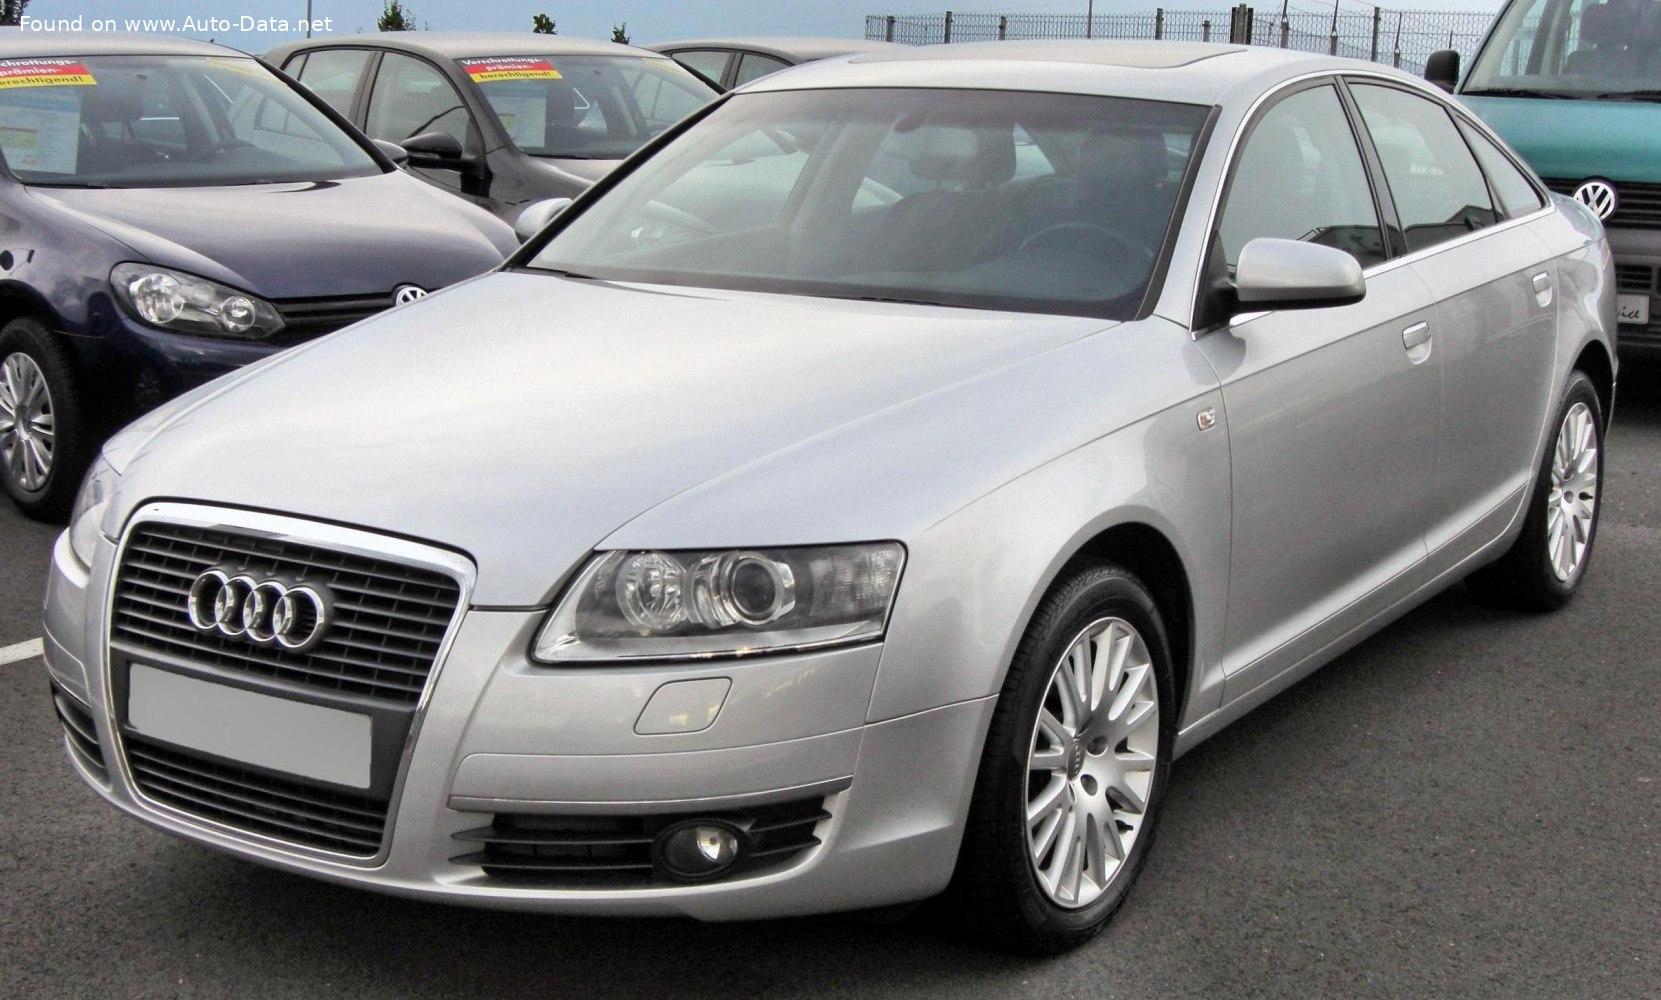 Kelebihan Kekurangan Audi 2.7 Tdi Tangguh